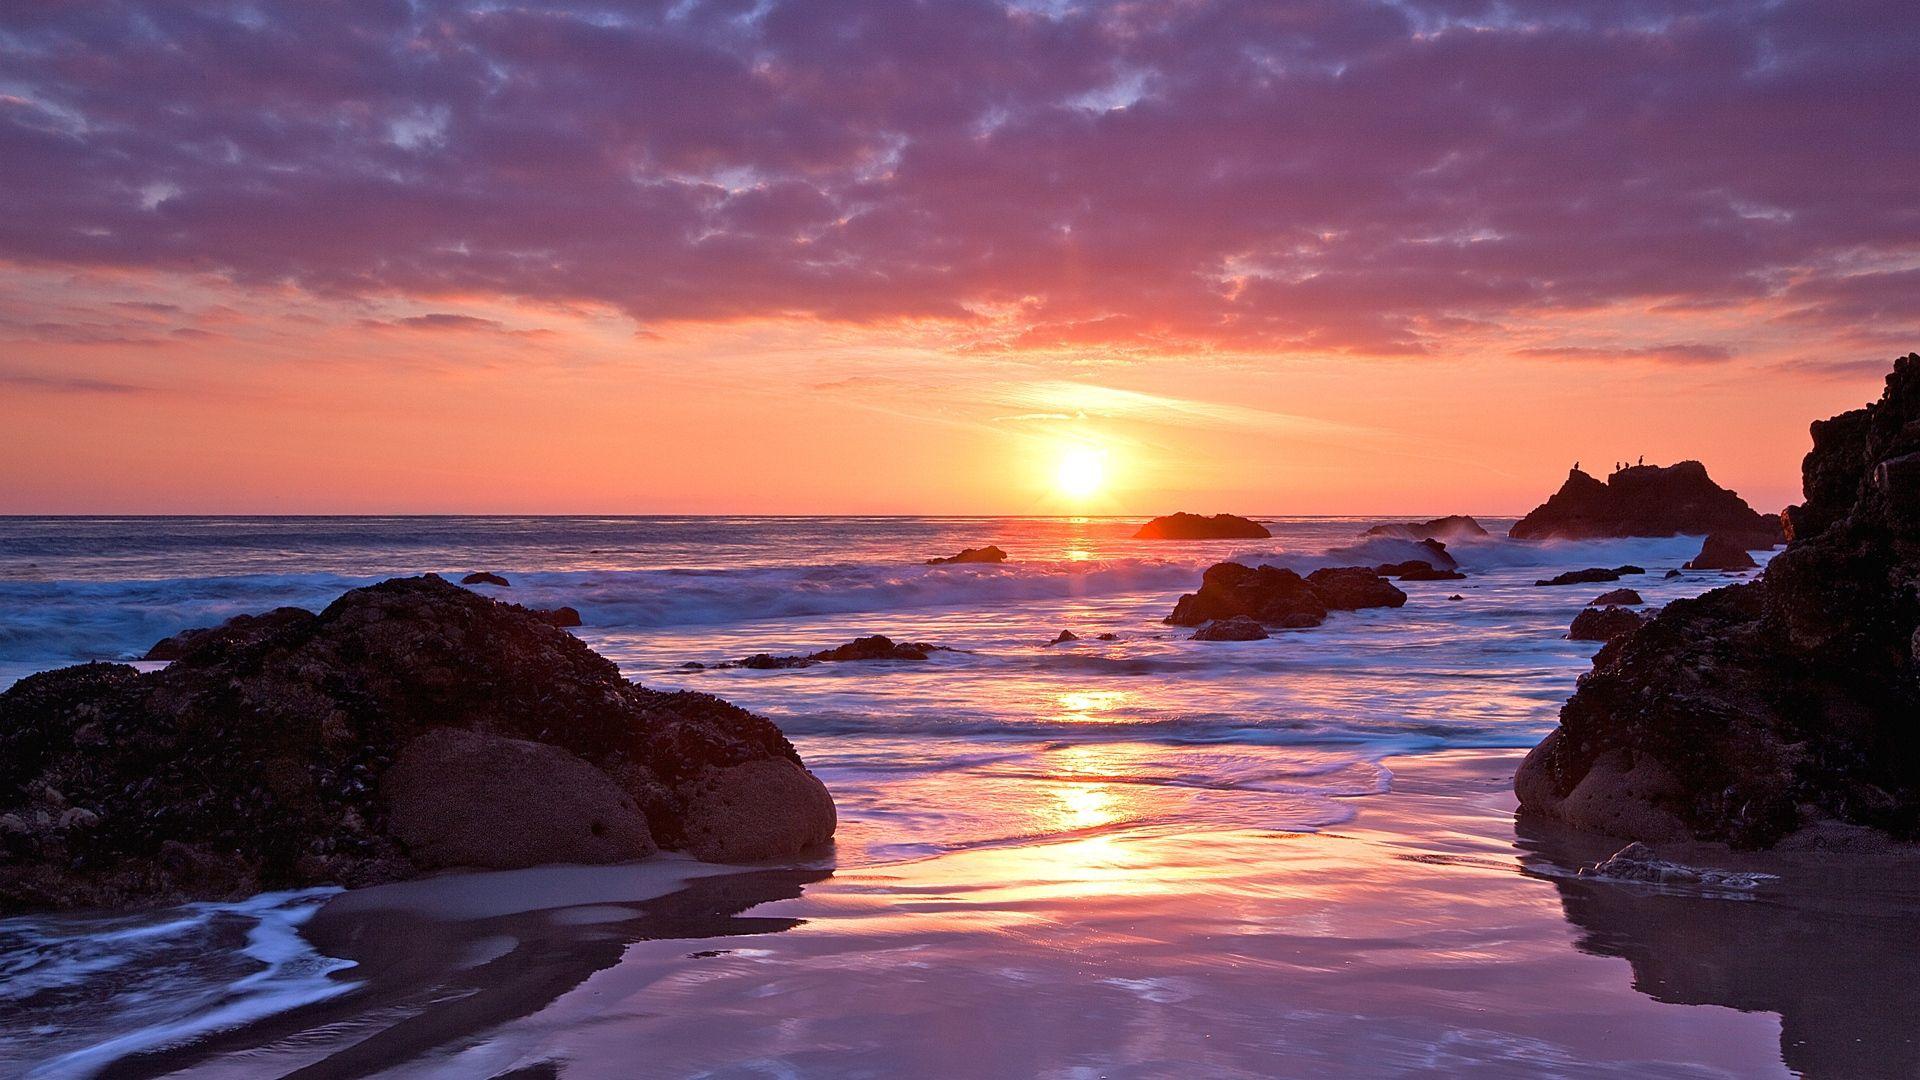 Ocean Sunset Cool HD Wallpaper